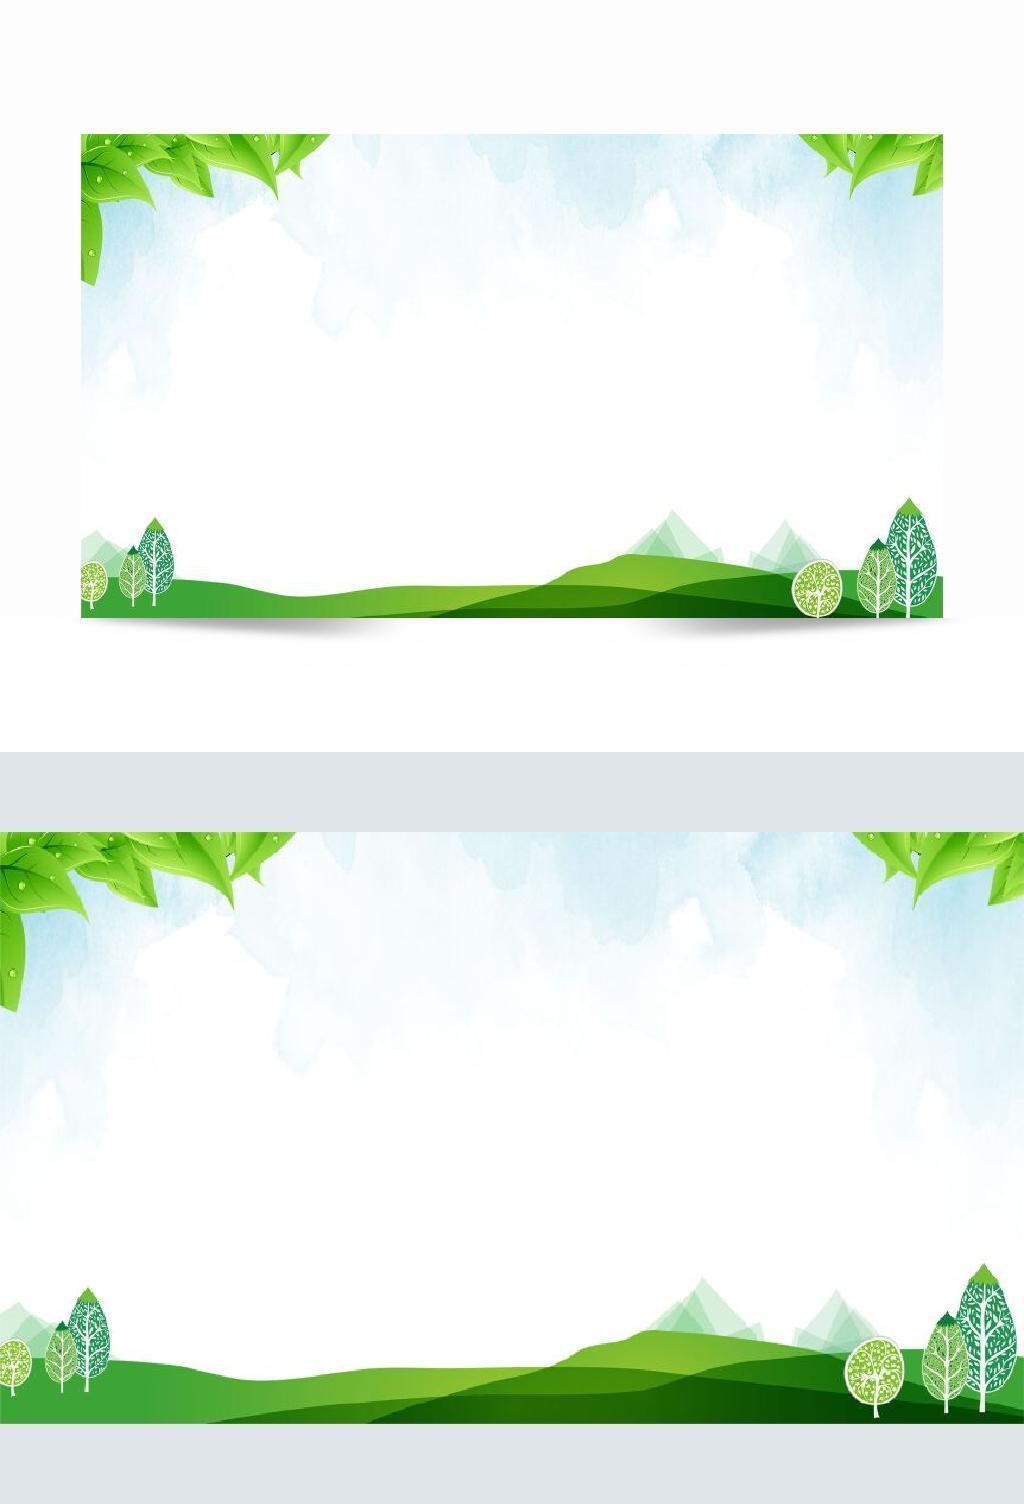 文艺风格绿叶背景